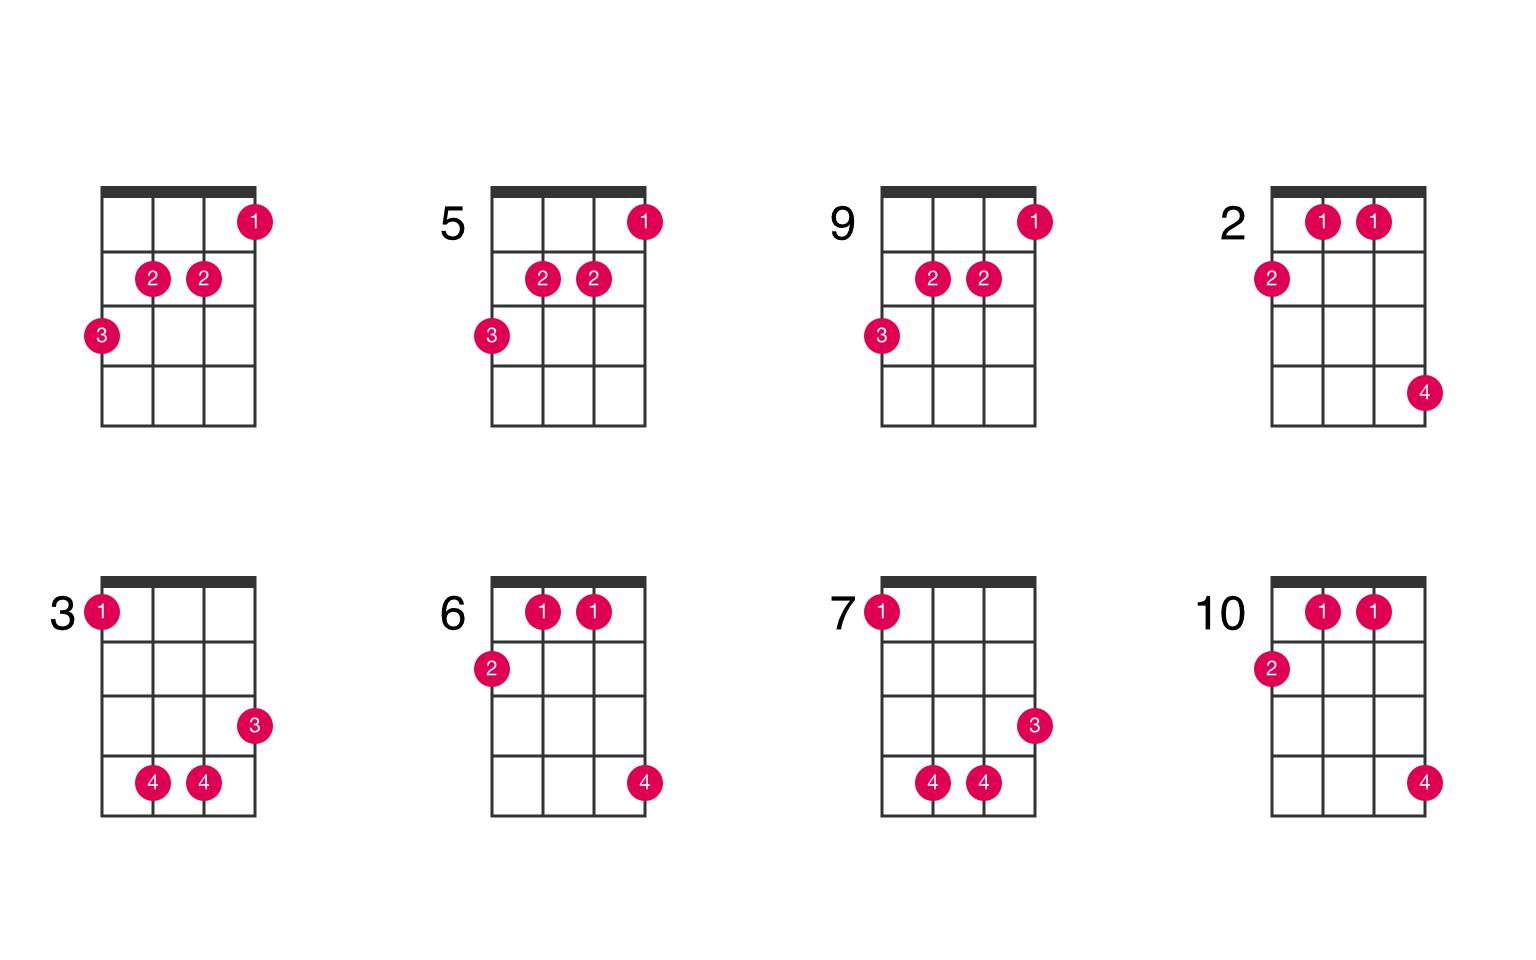 D augmented ukulele chord - UkeLib Chords